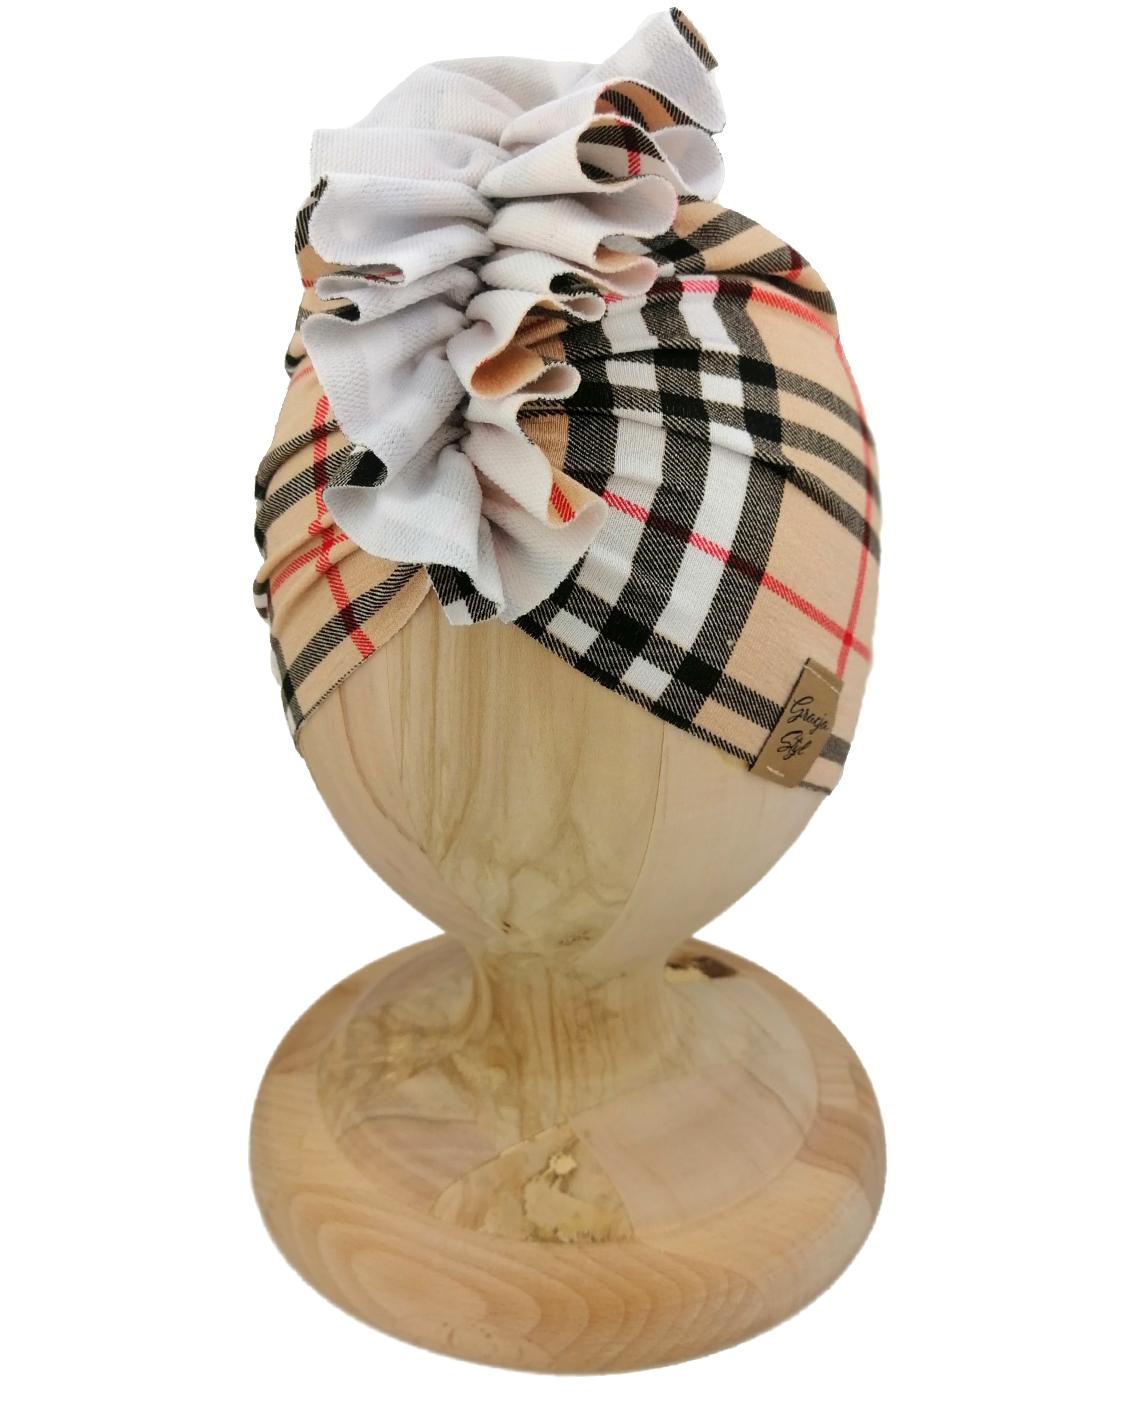 Czapka turban dziecięca marki Gracja styl. Wzór pepitka odcieniu brązu. Produkt polski wykonany z bawełny pętelkowej